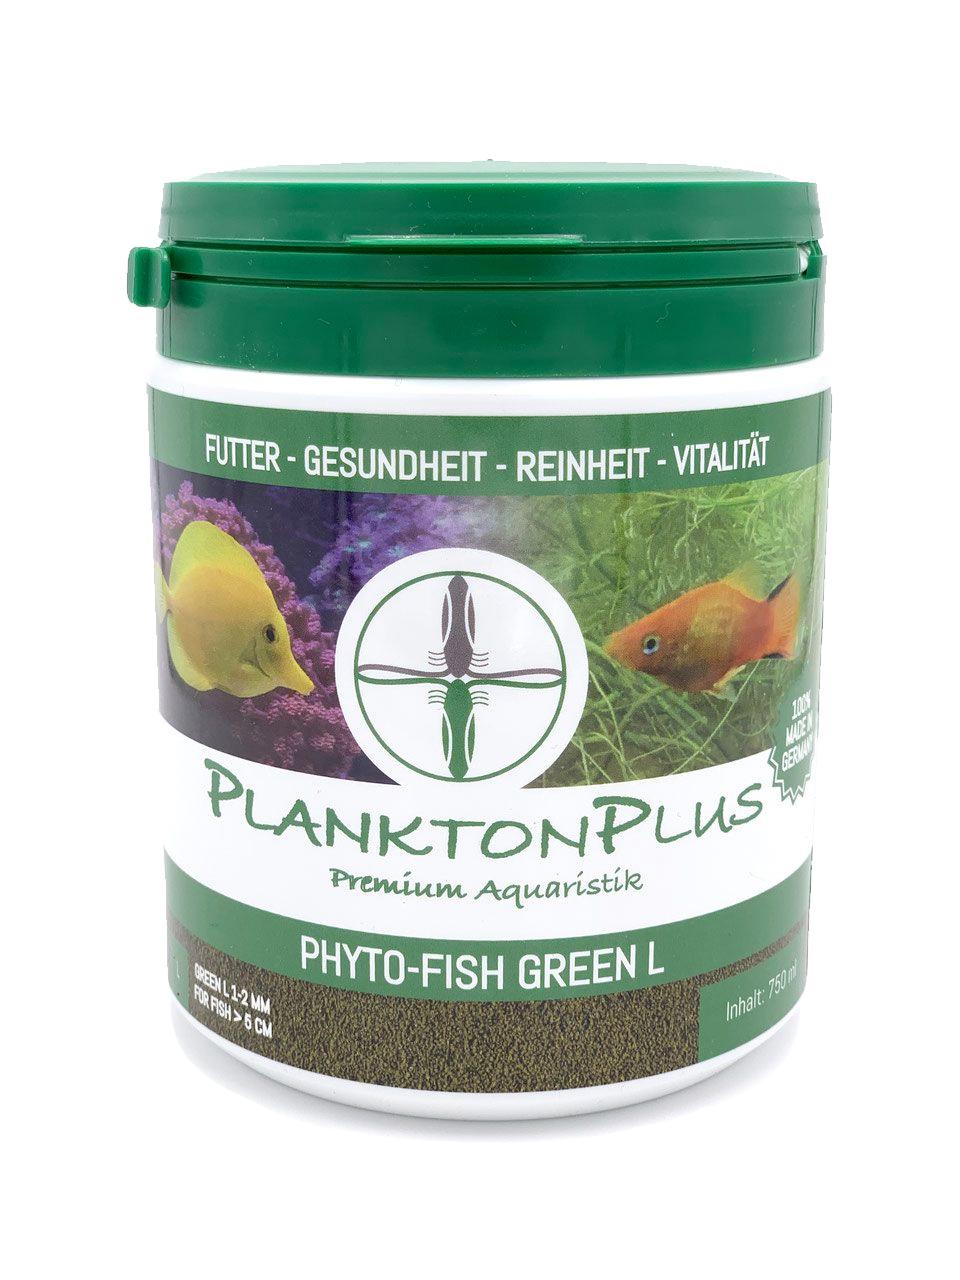 Phyto-Fish Green Granulatfutter